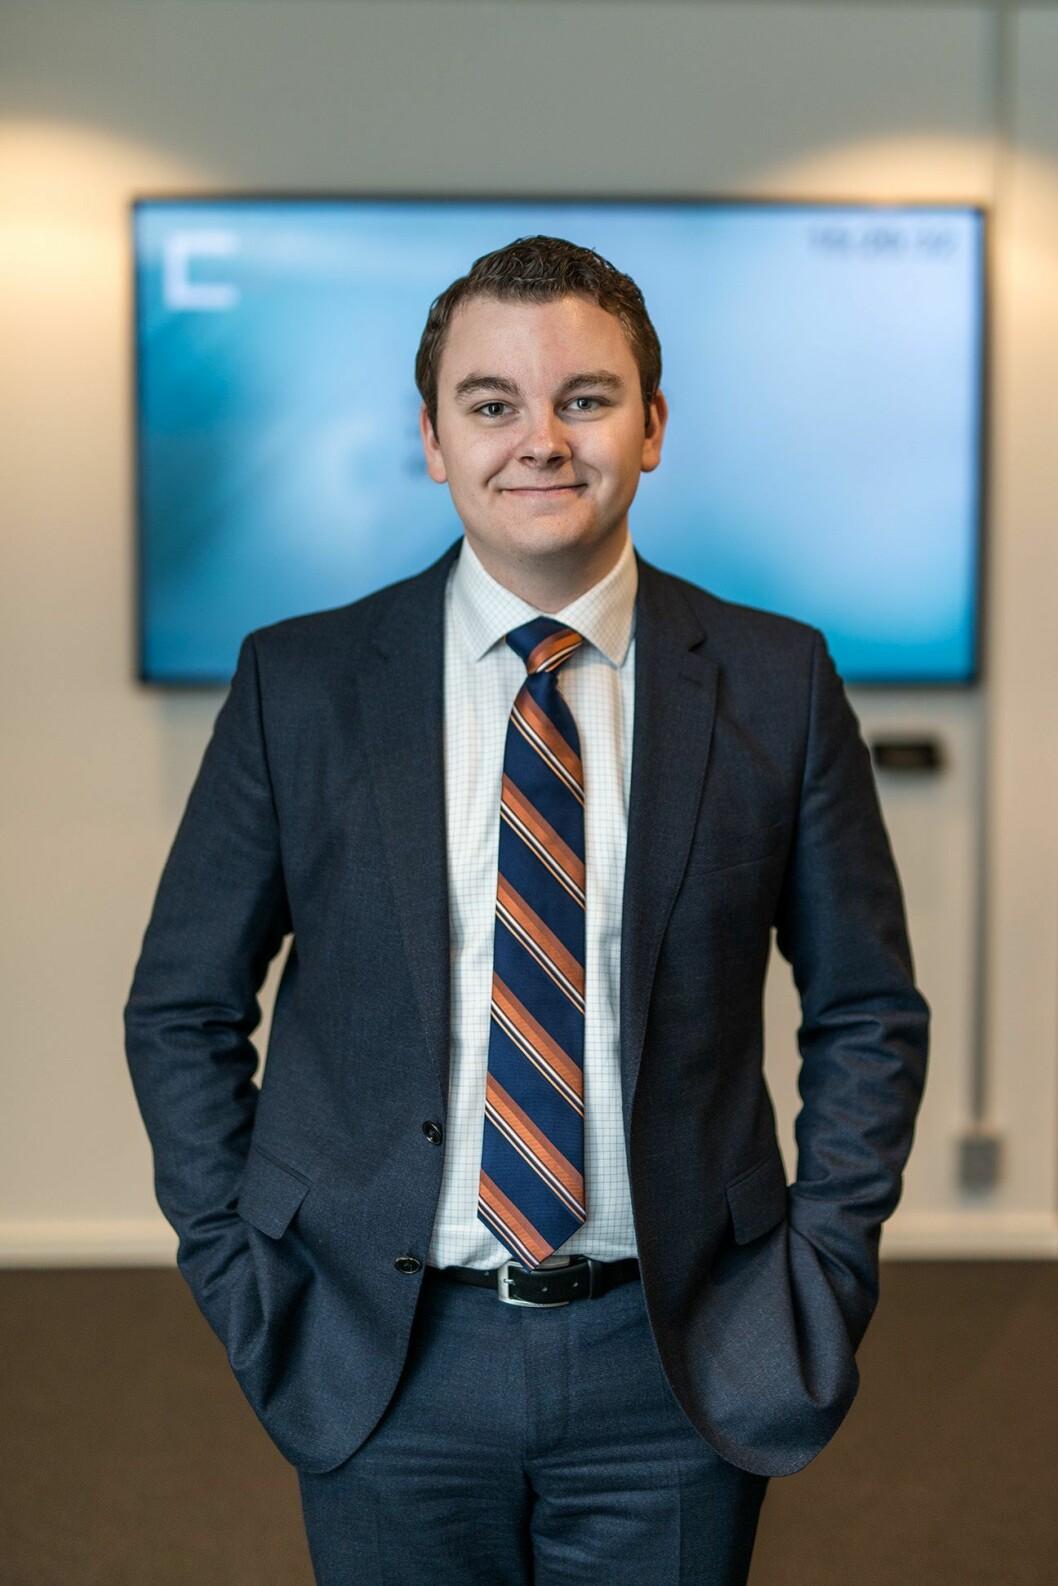 Slik ser Espen ut til daglig - i jobben som politisk rådgiver for Sylvi Listhaug.